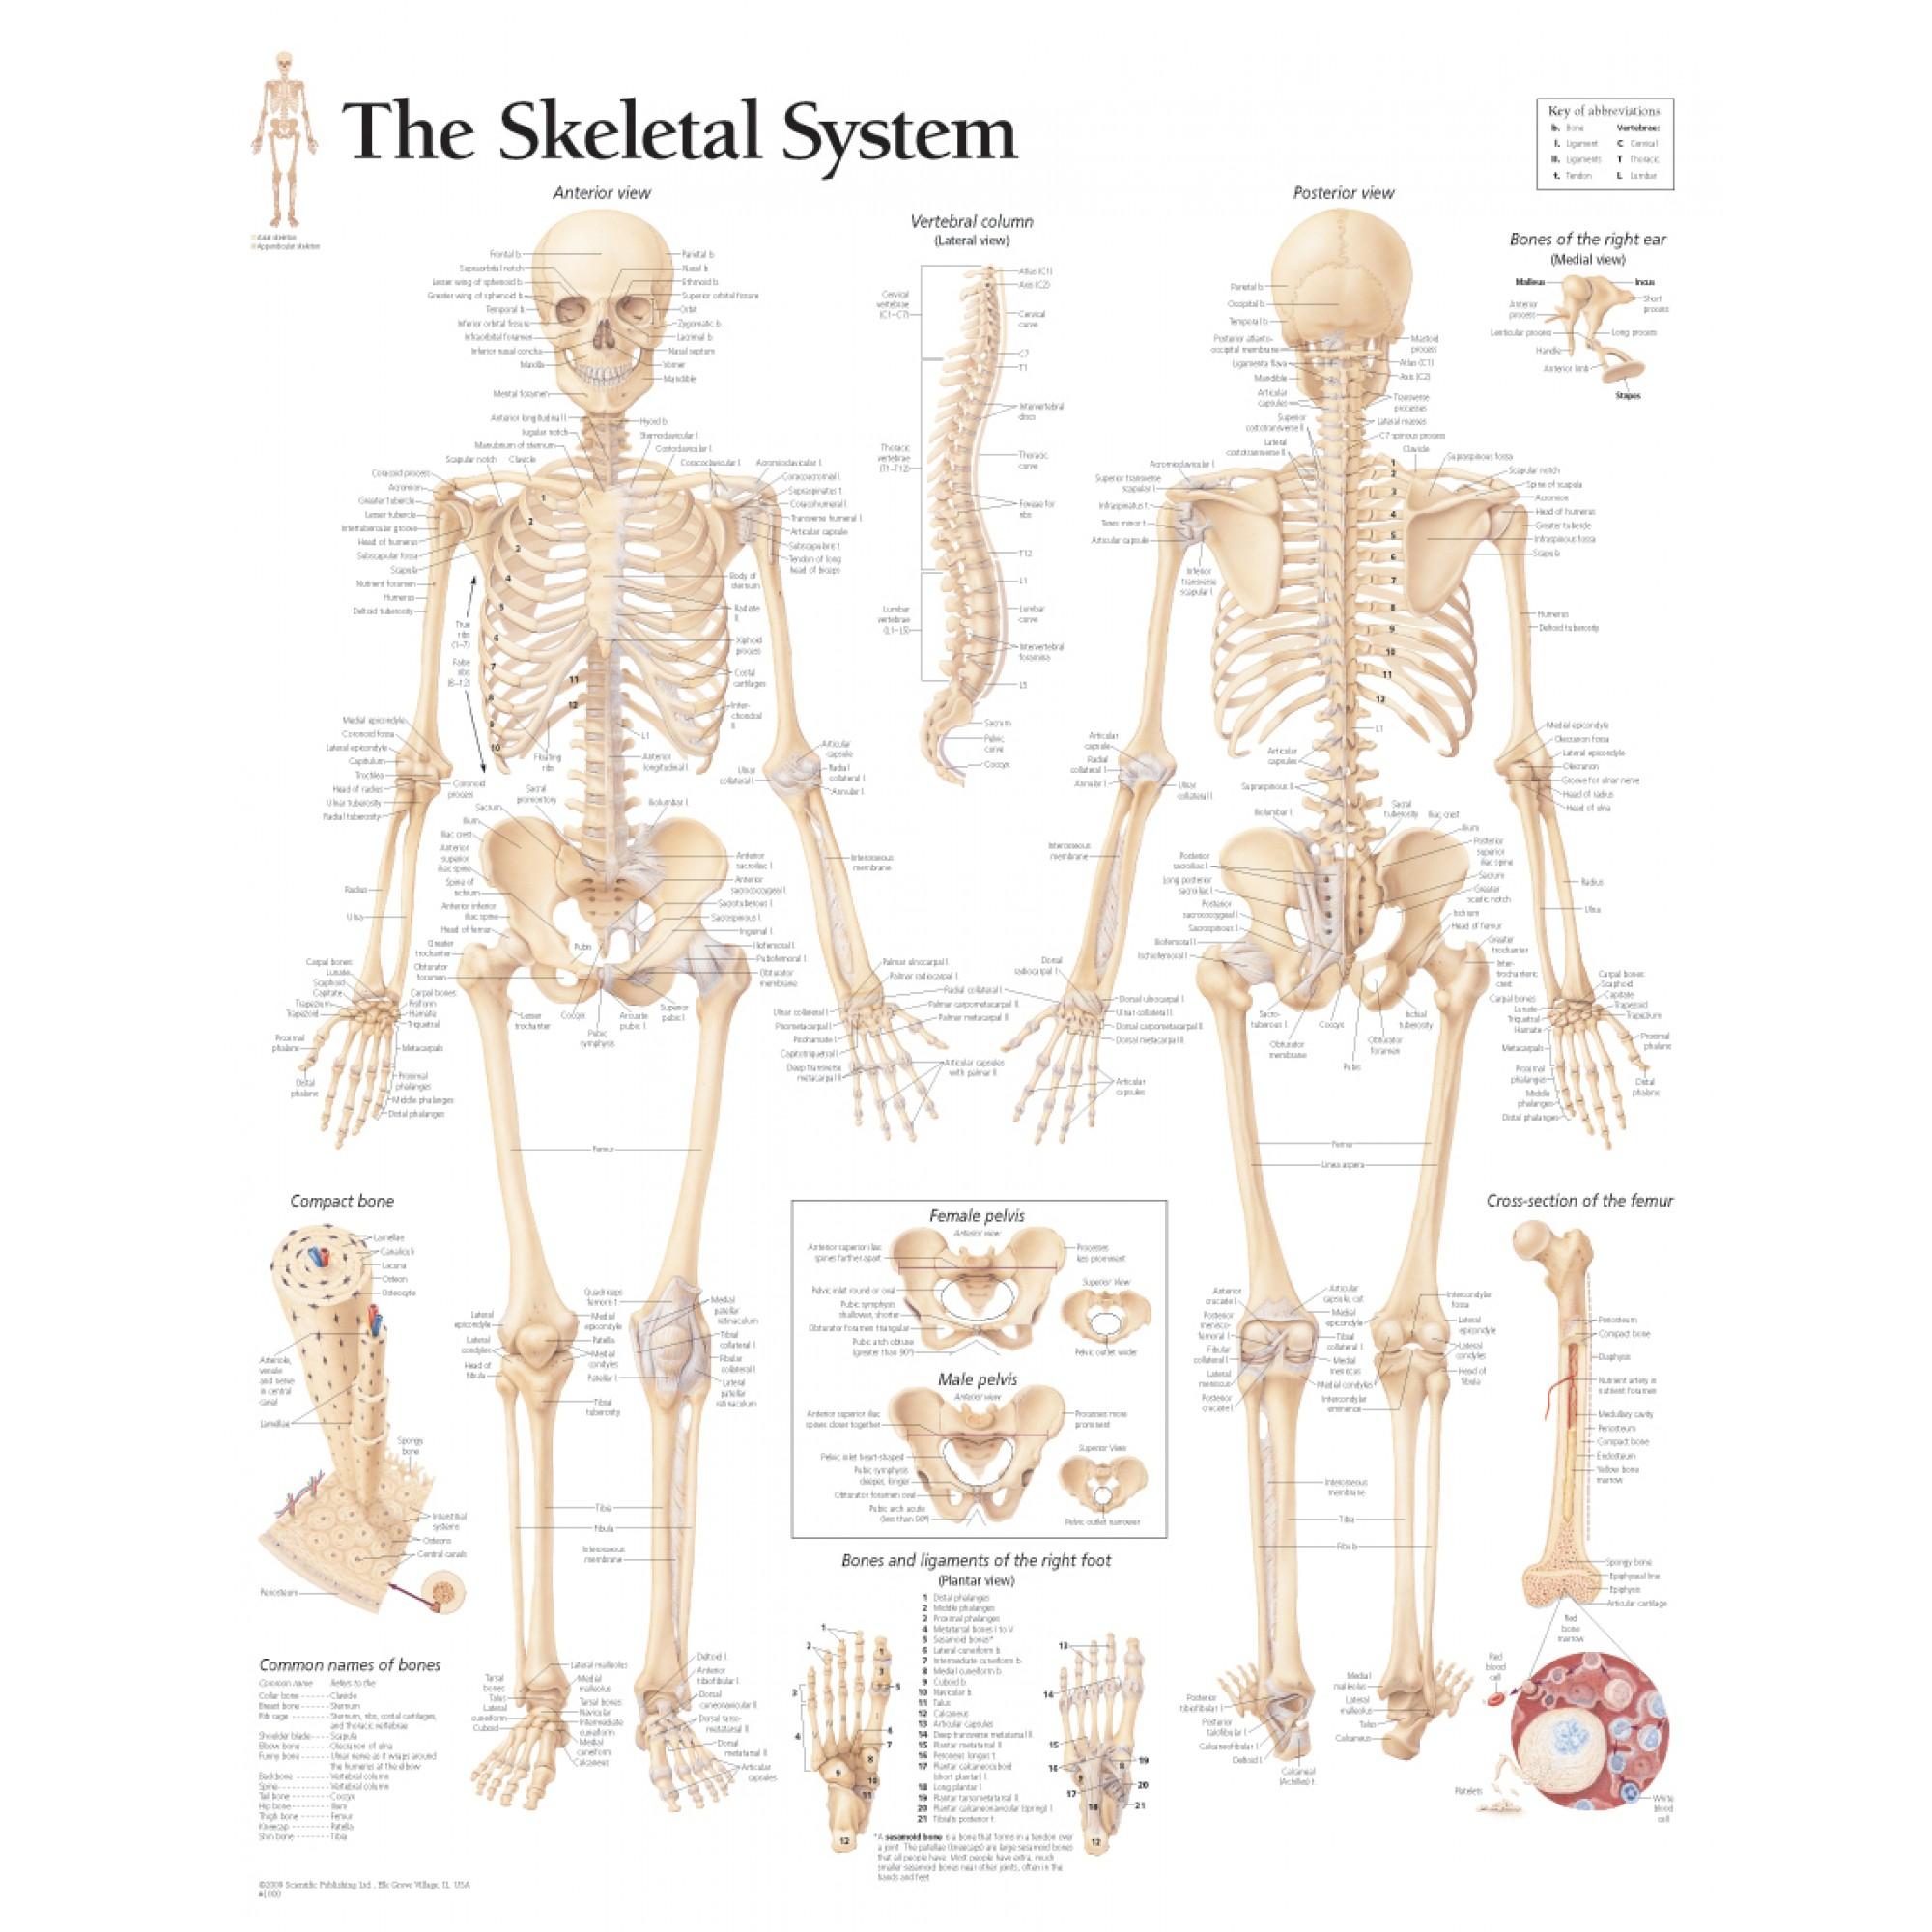 Skeletal System Diagram The Skeletal System Chart